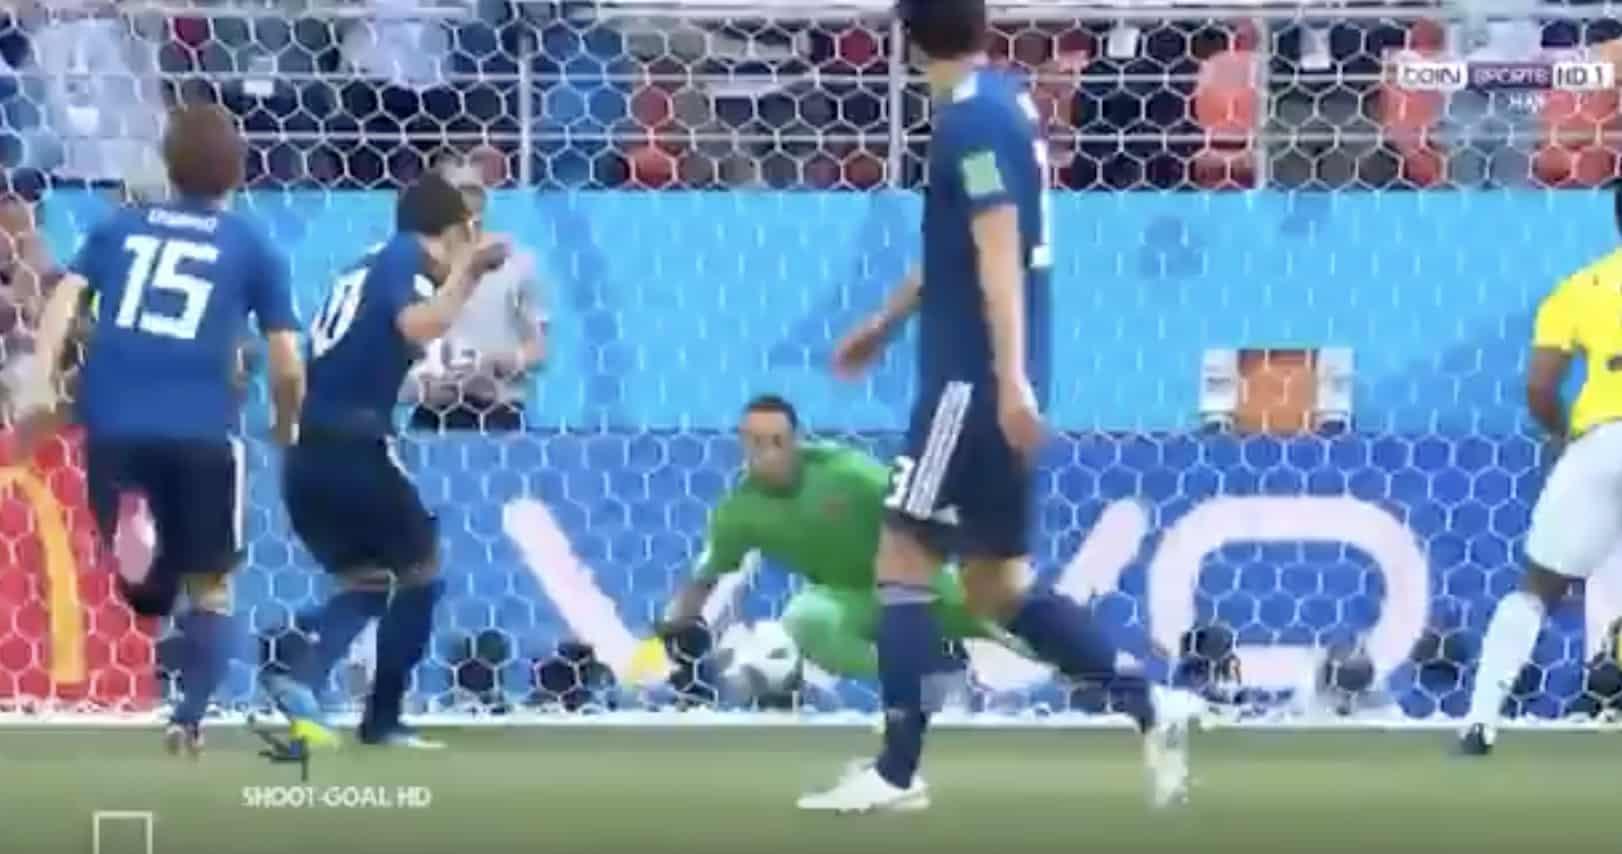 Coupe du monde 2018 tous les buts de colombie japon 1 2 - Tous les buts de la coupe du monde 2006 ...